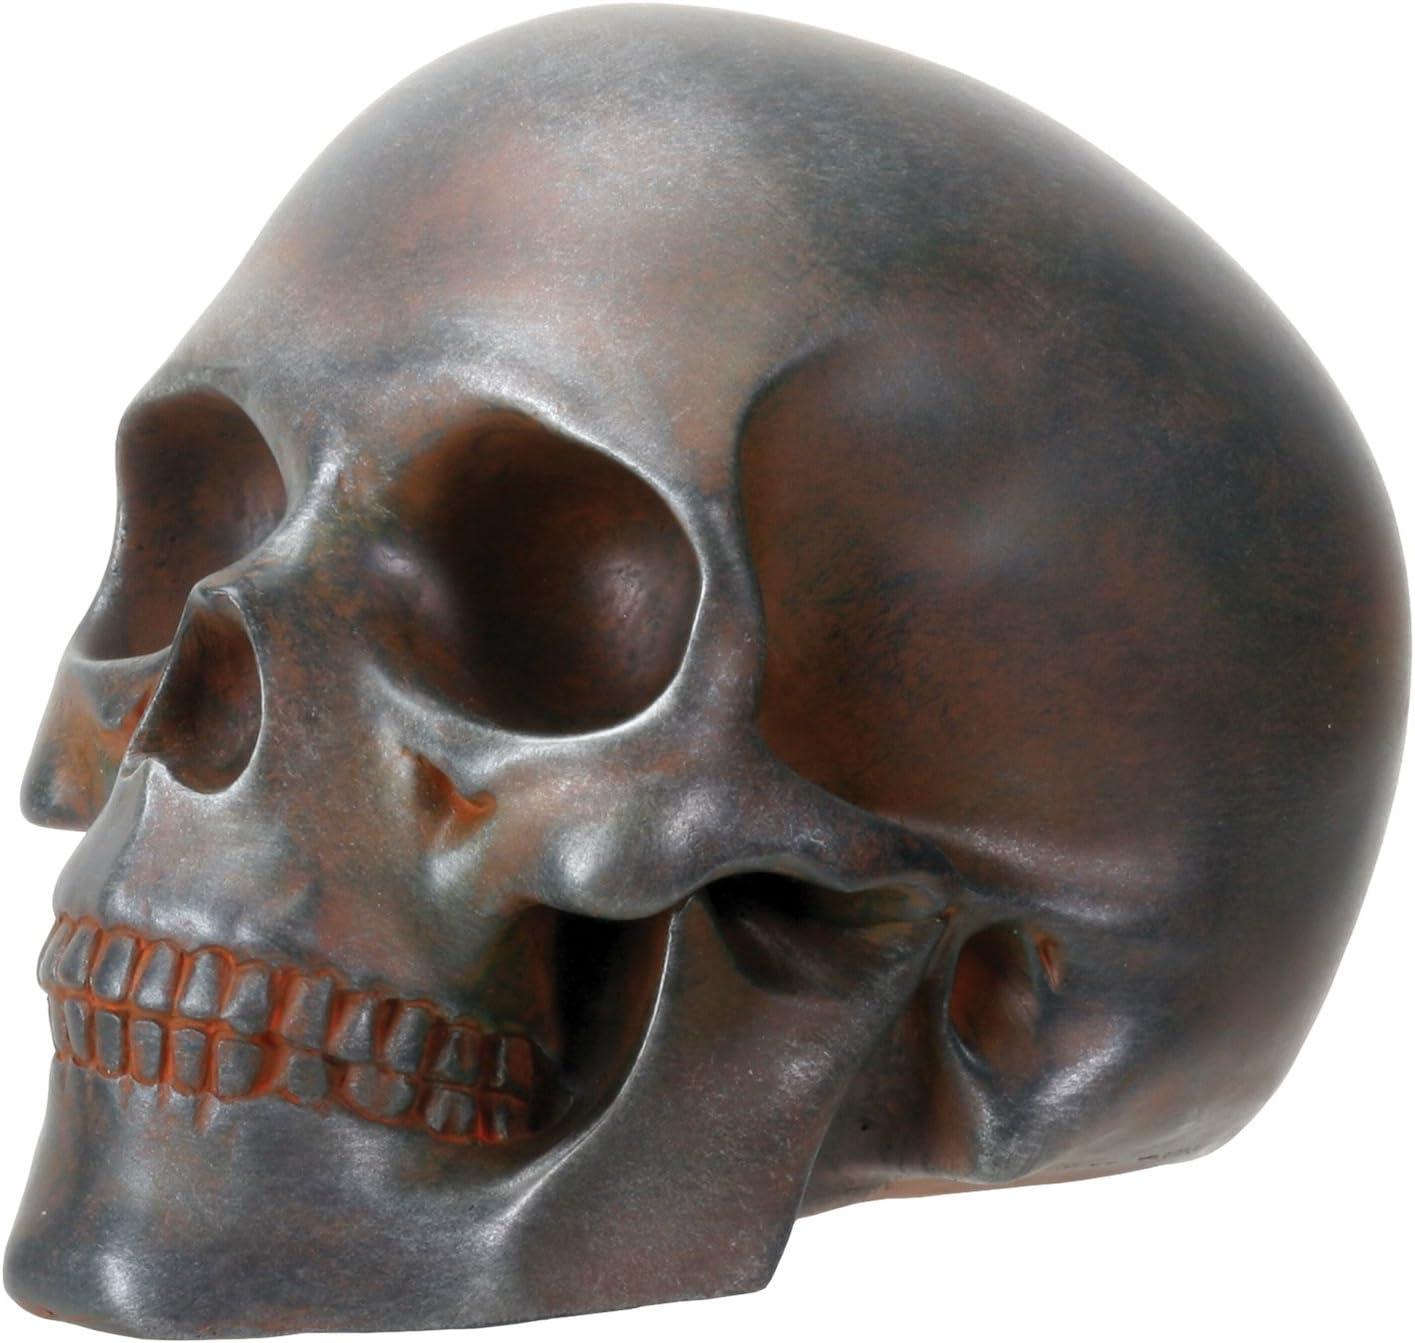 YTC Decorative Rust Colored Skull Head Skeleton Figurine Statue Display